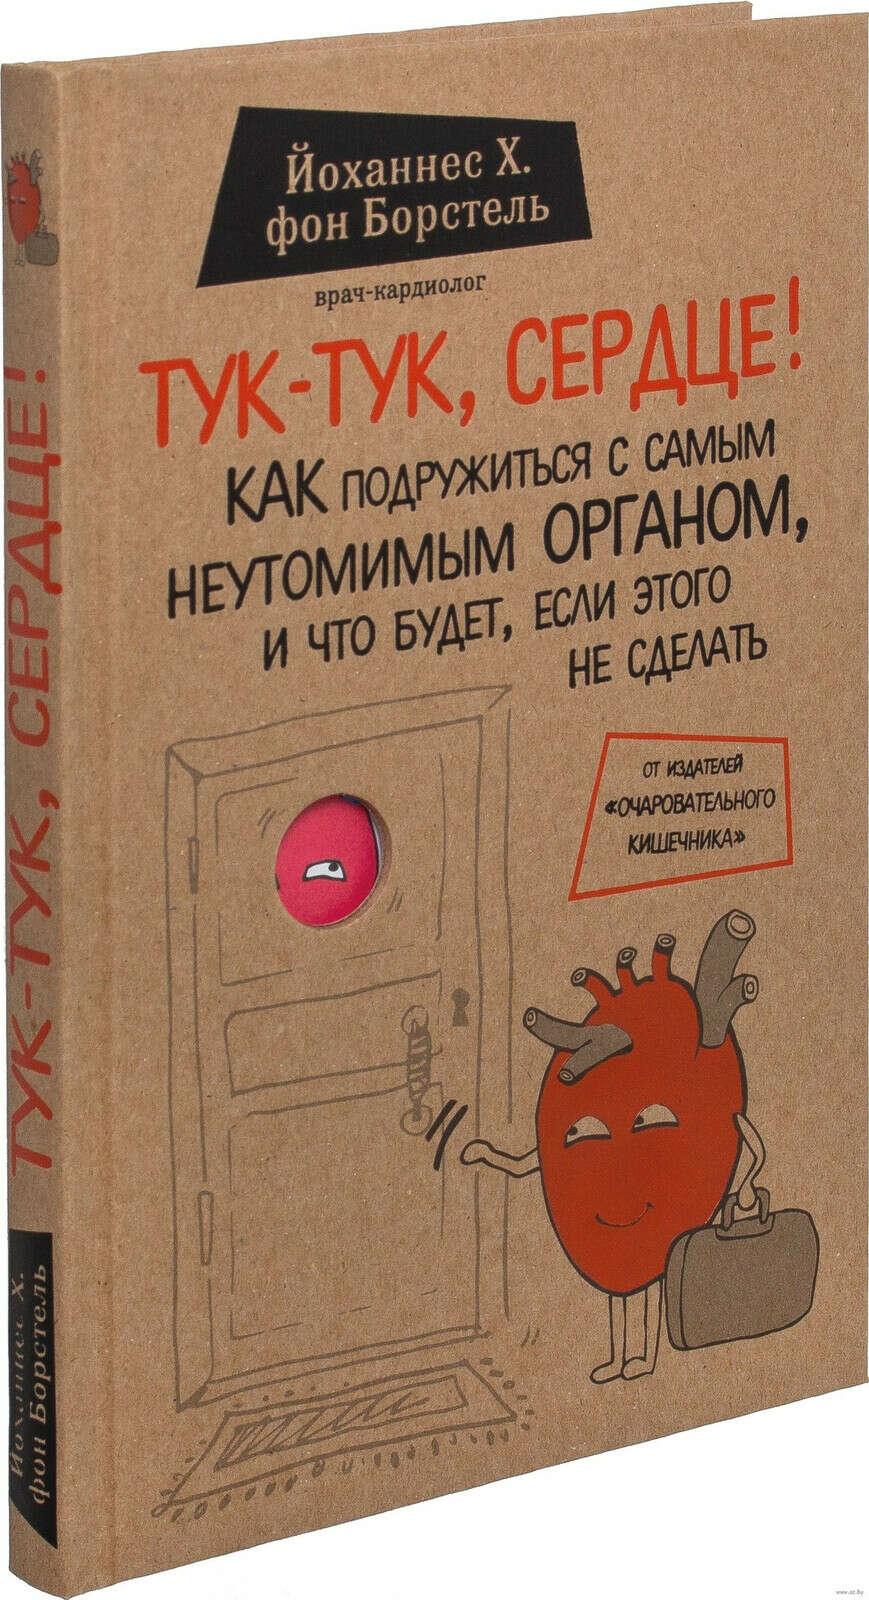 Тук-тук, сердце! Как подружиться с самым неутомимым органом, и что будет, если этого не сделать - на OZ.by